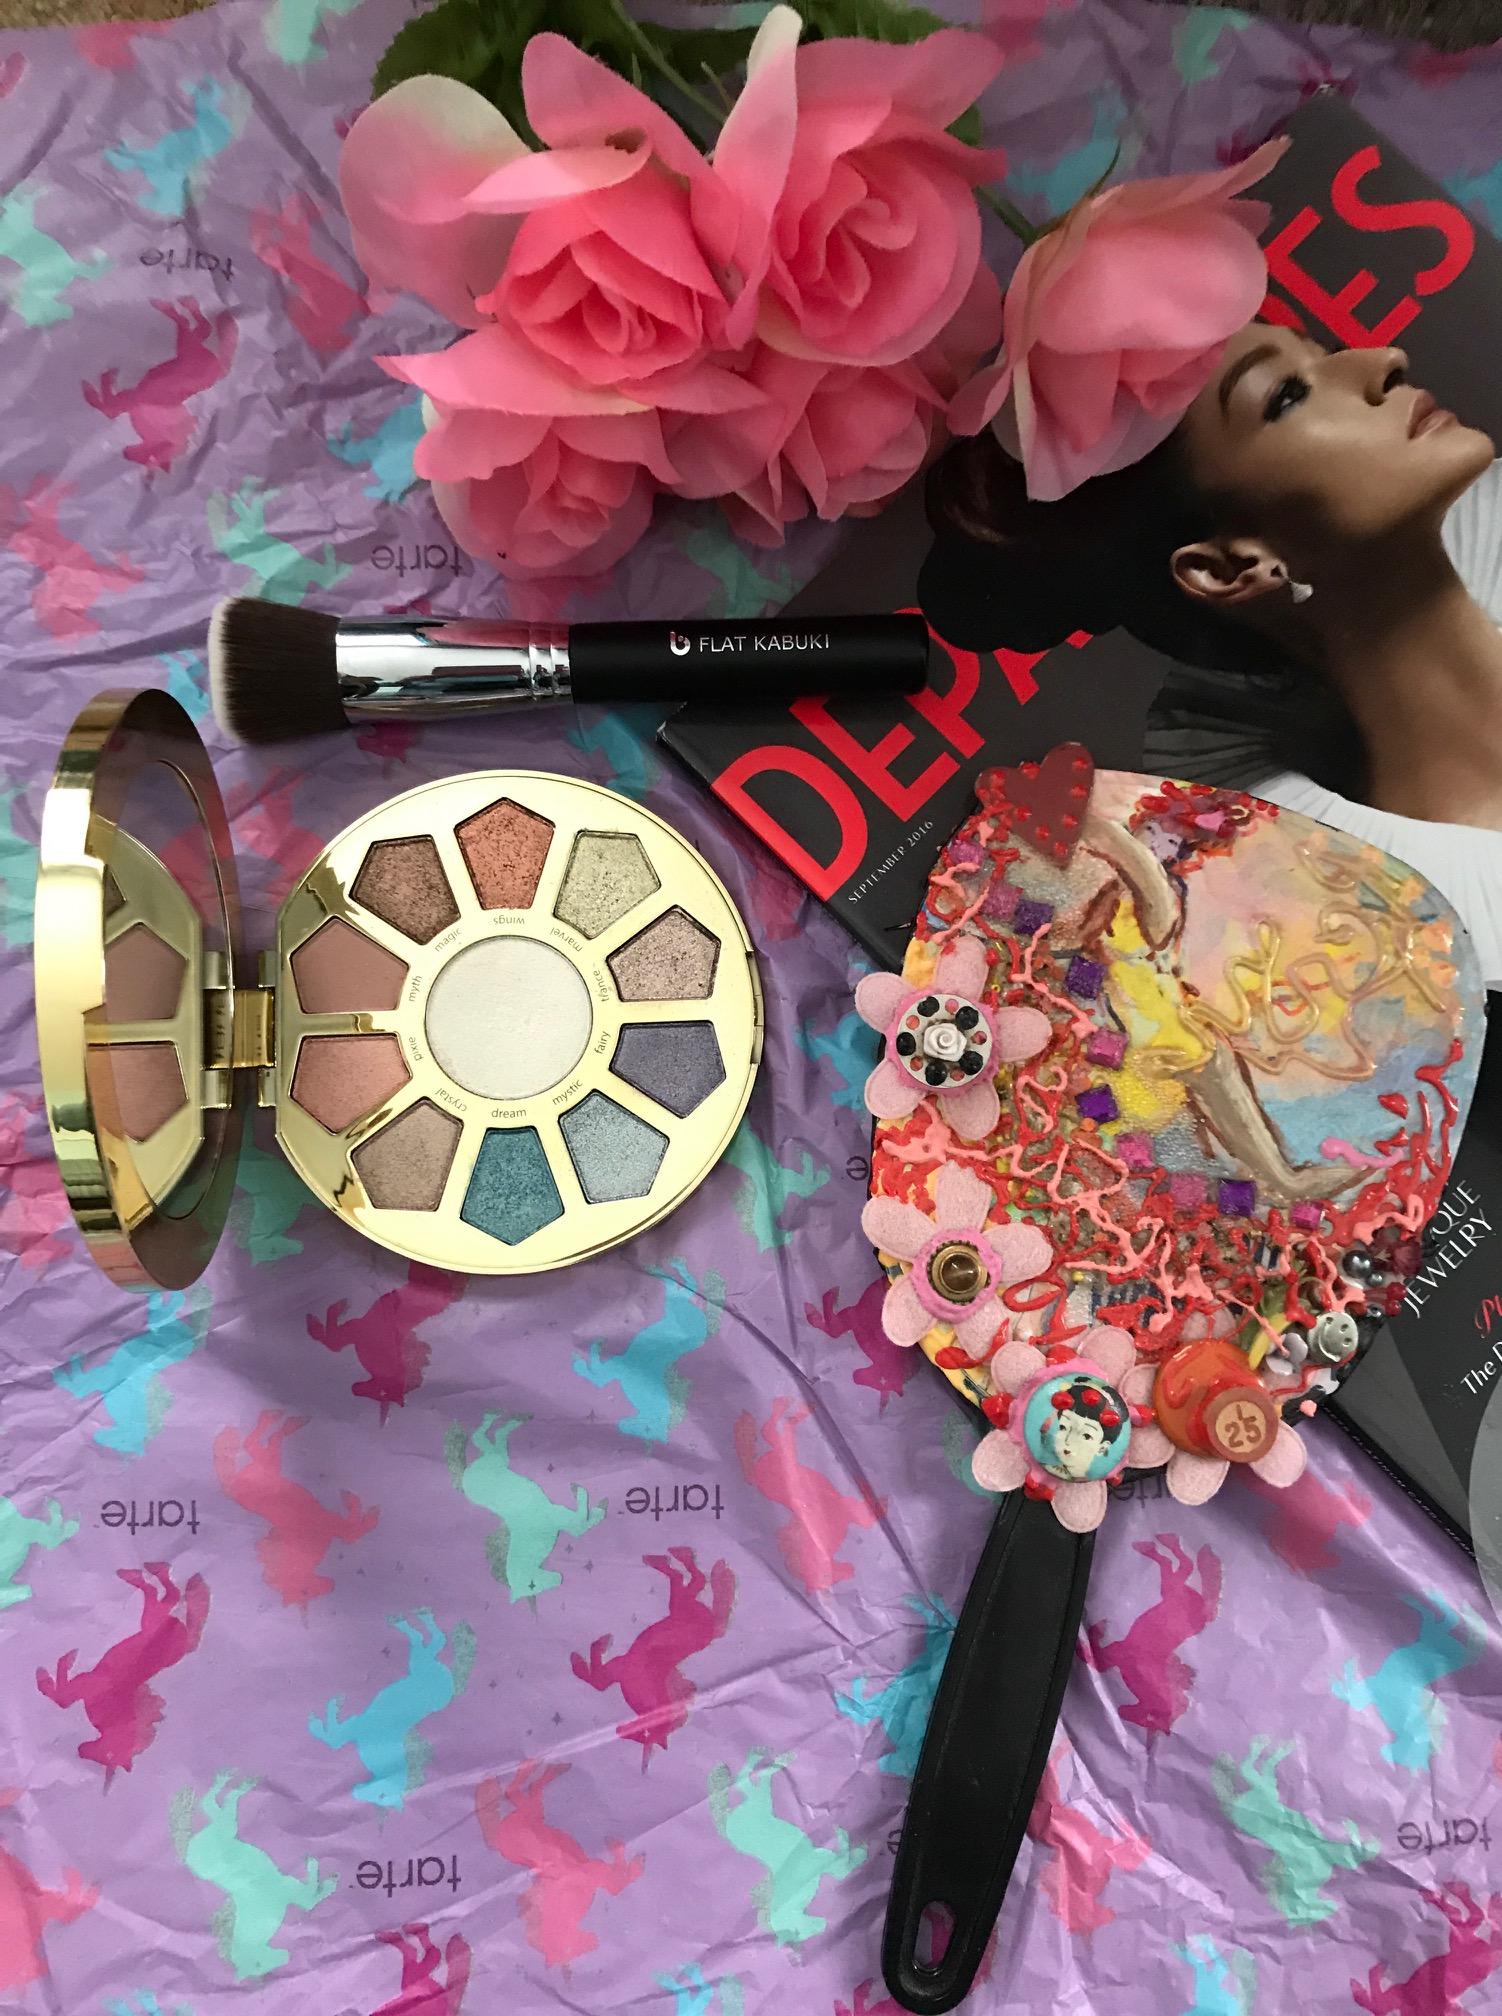 Tarte Make Believe In Yourself palette, neversaydiebeauty.com